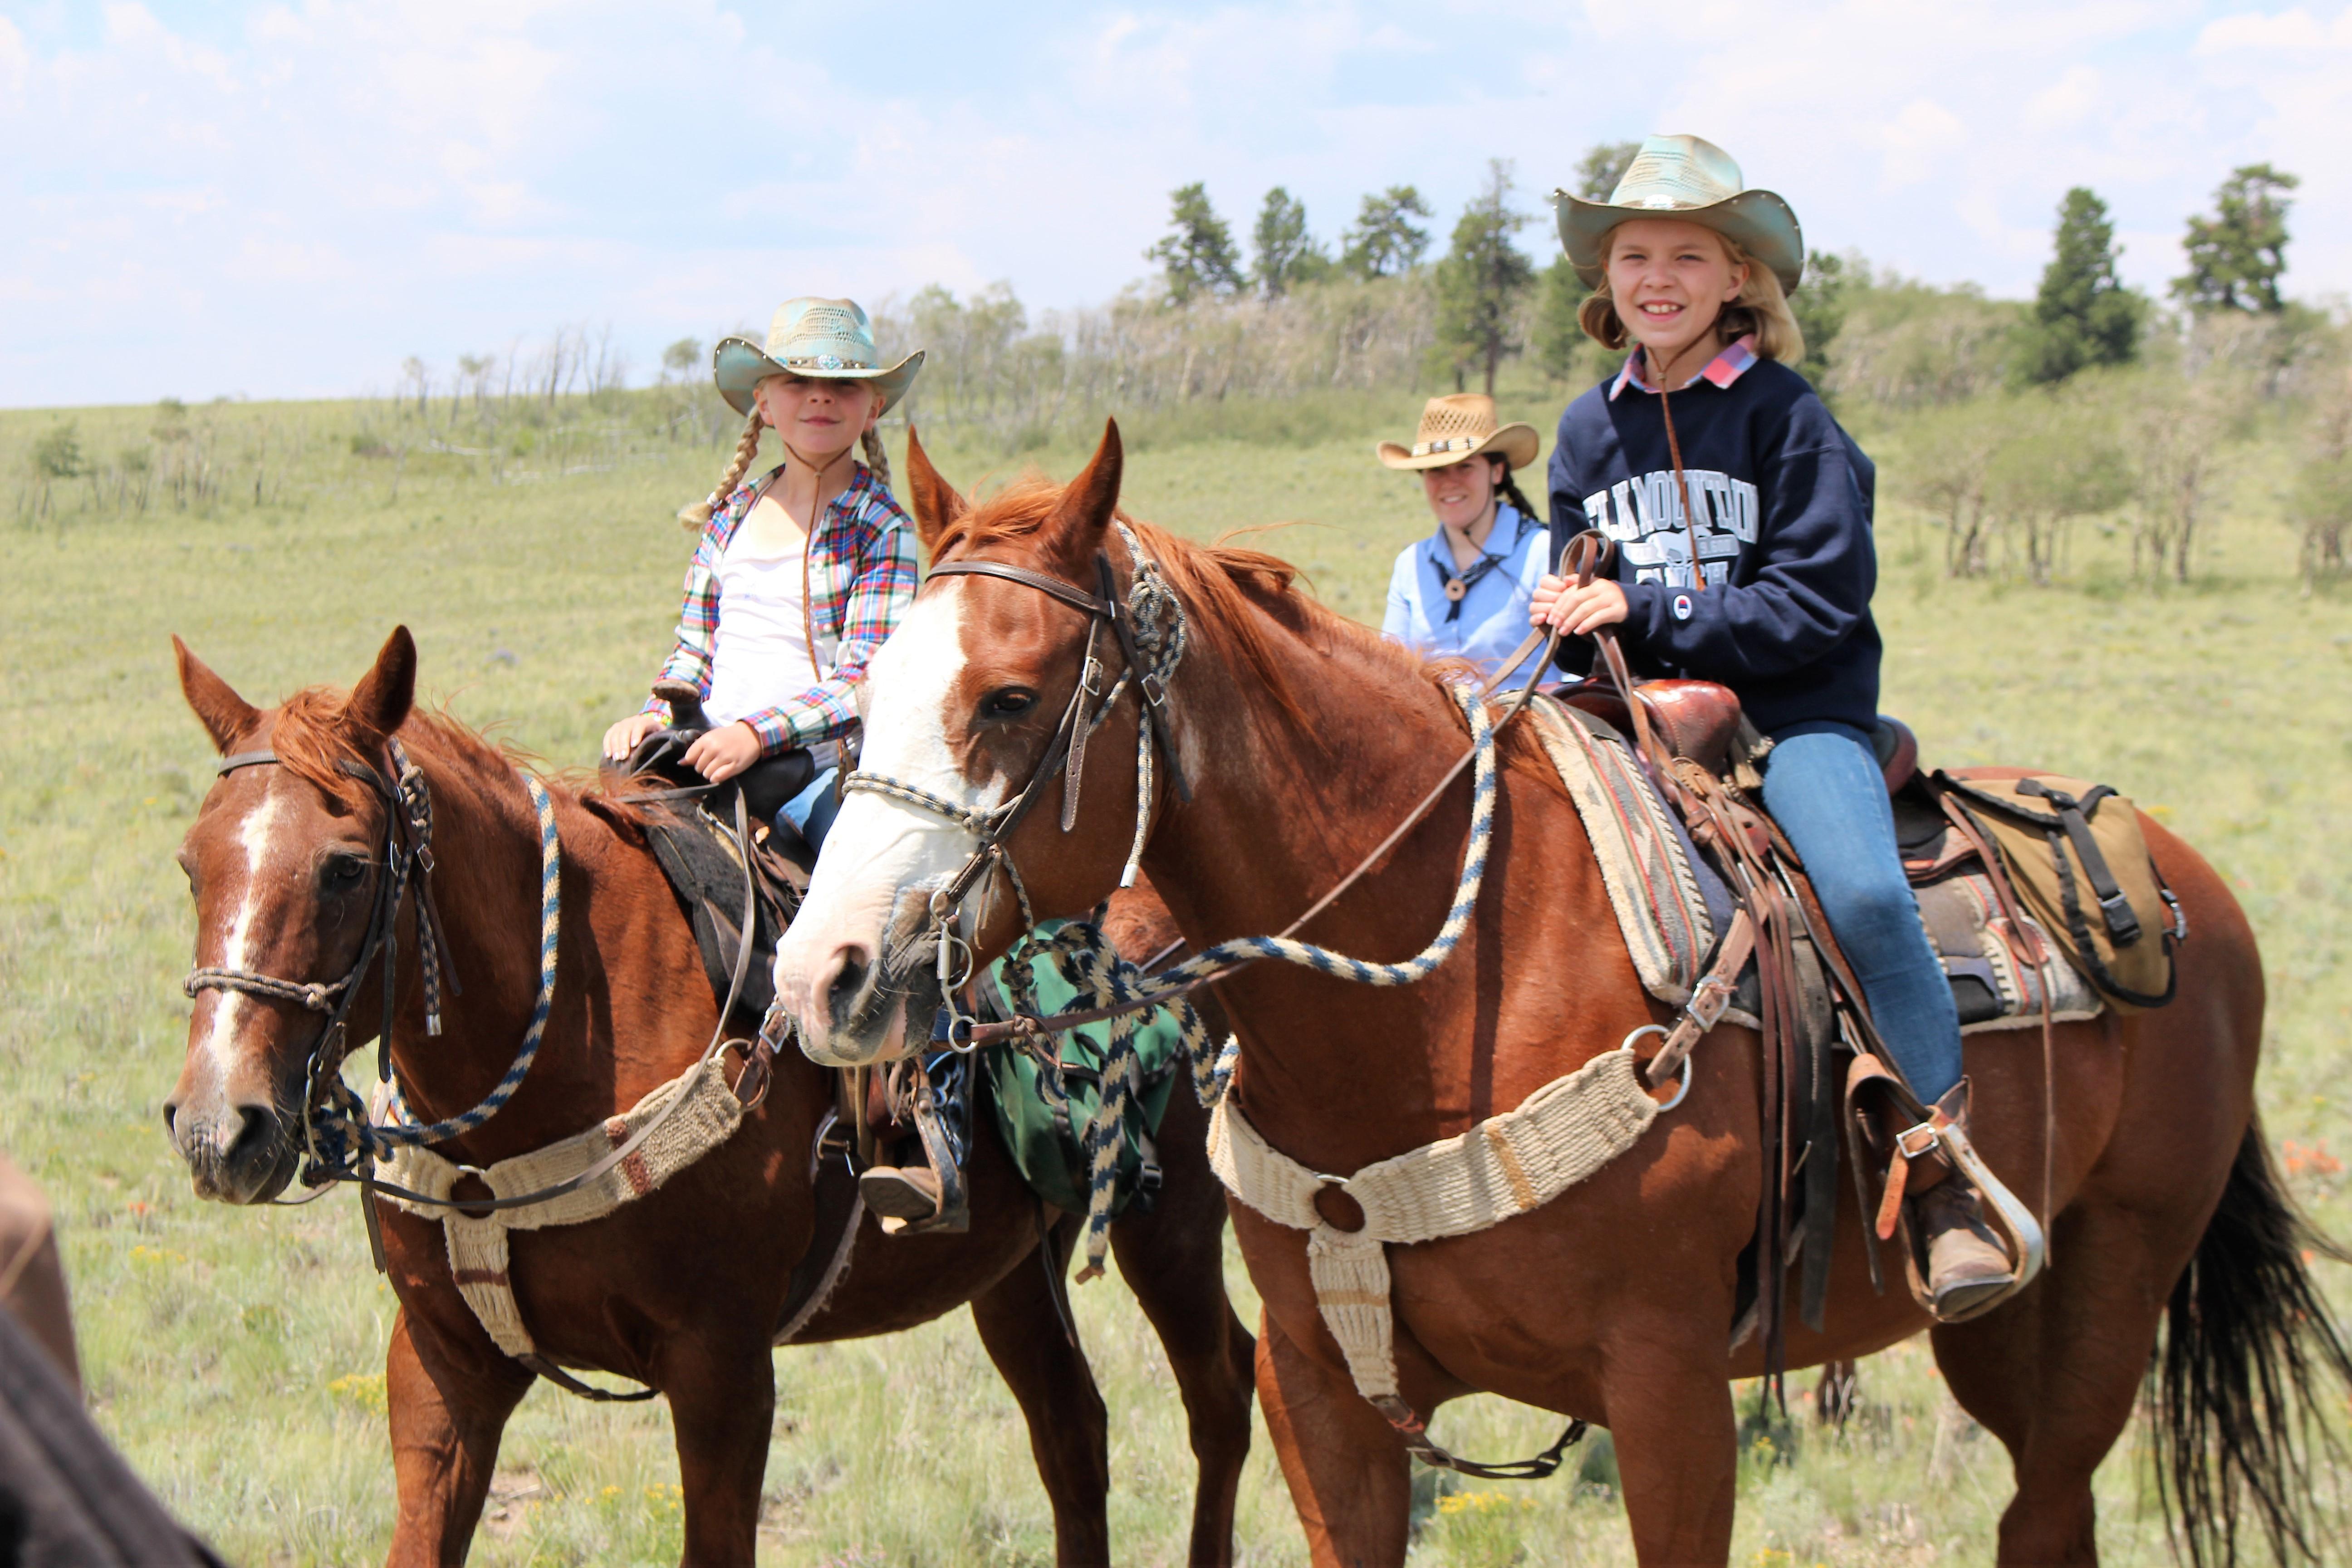 family-horseback-riding.jpg